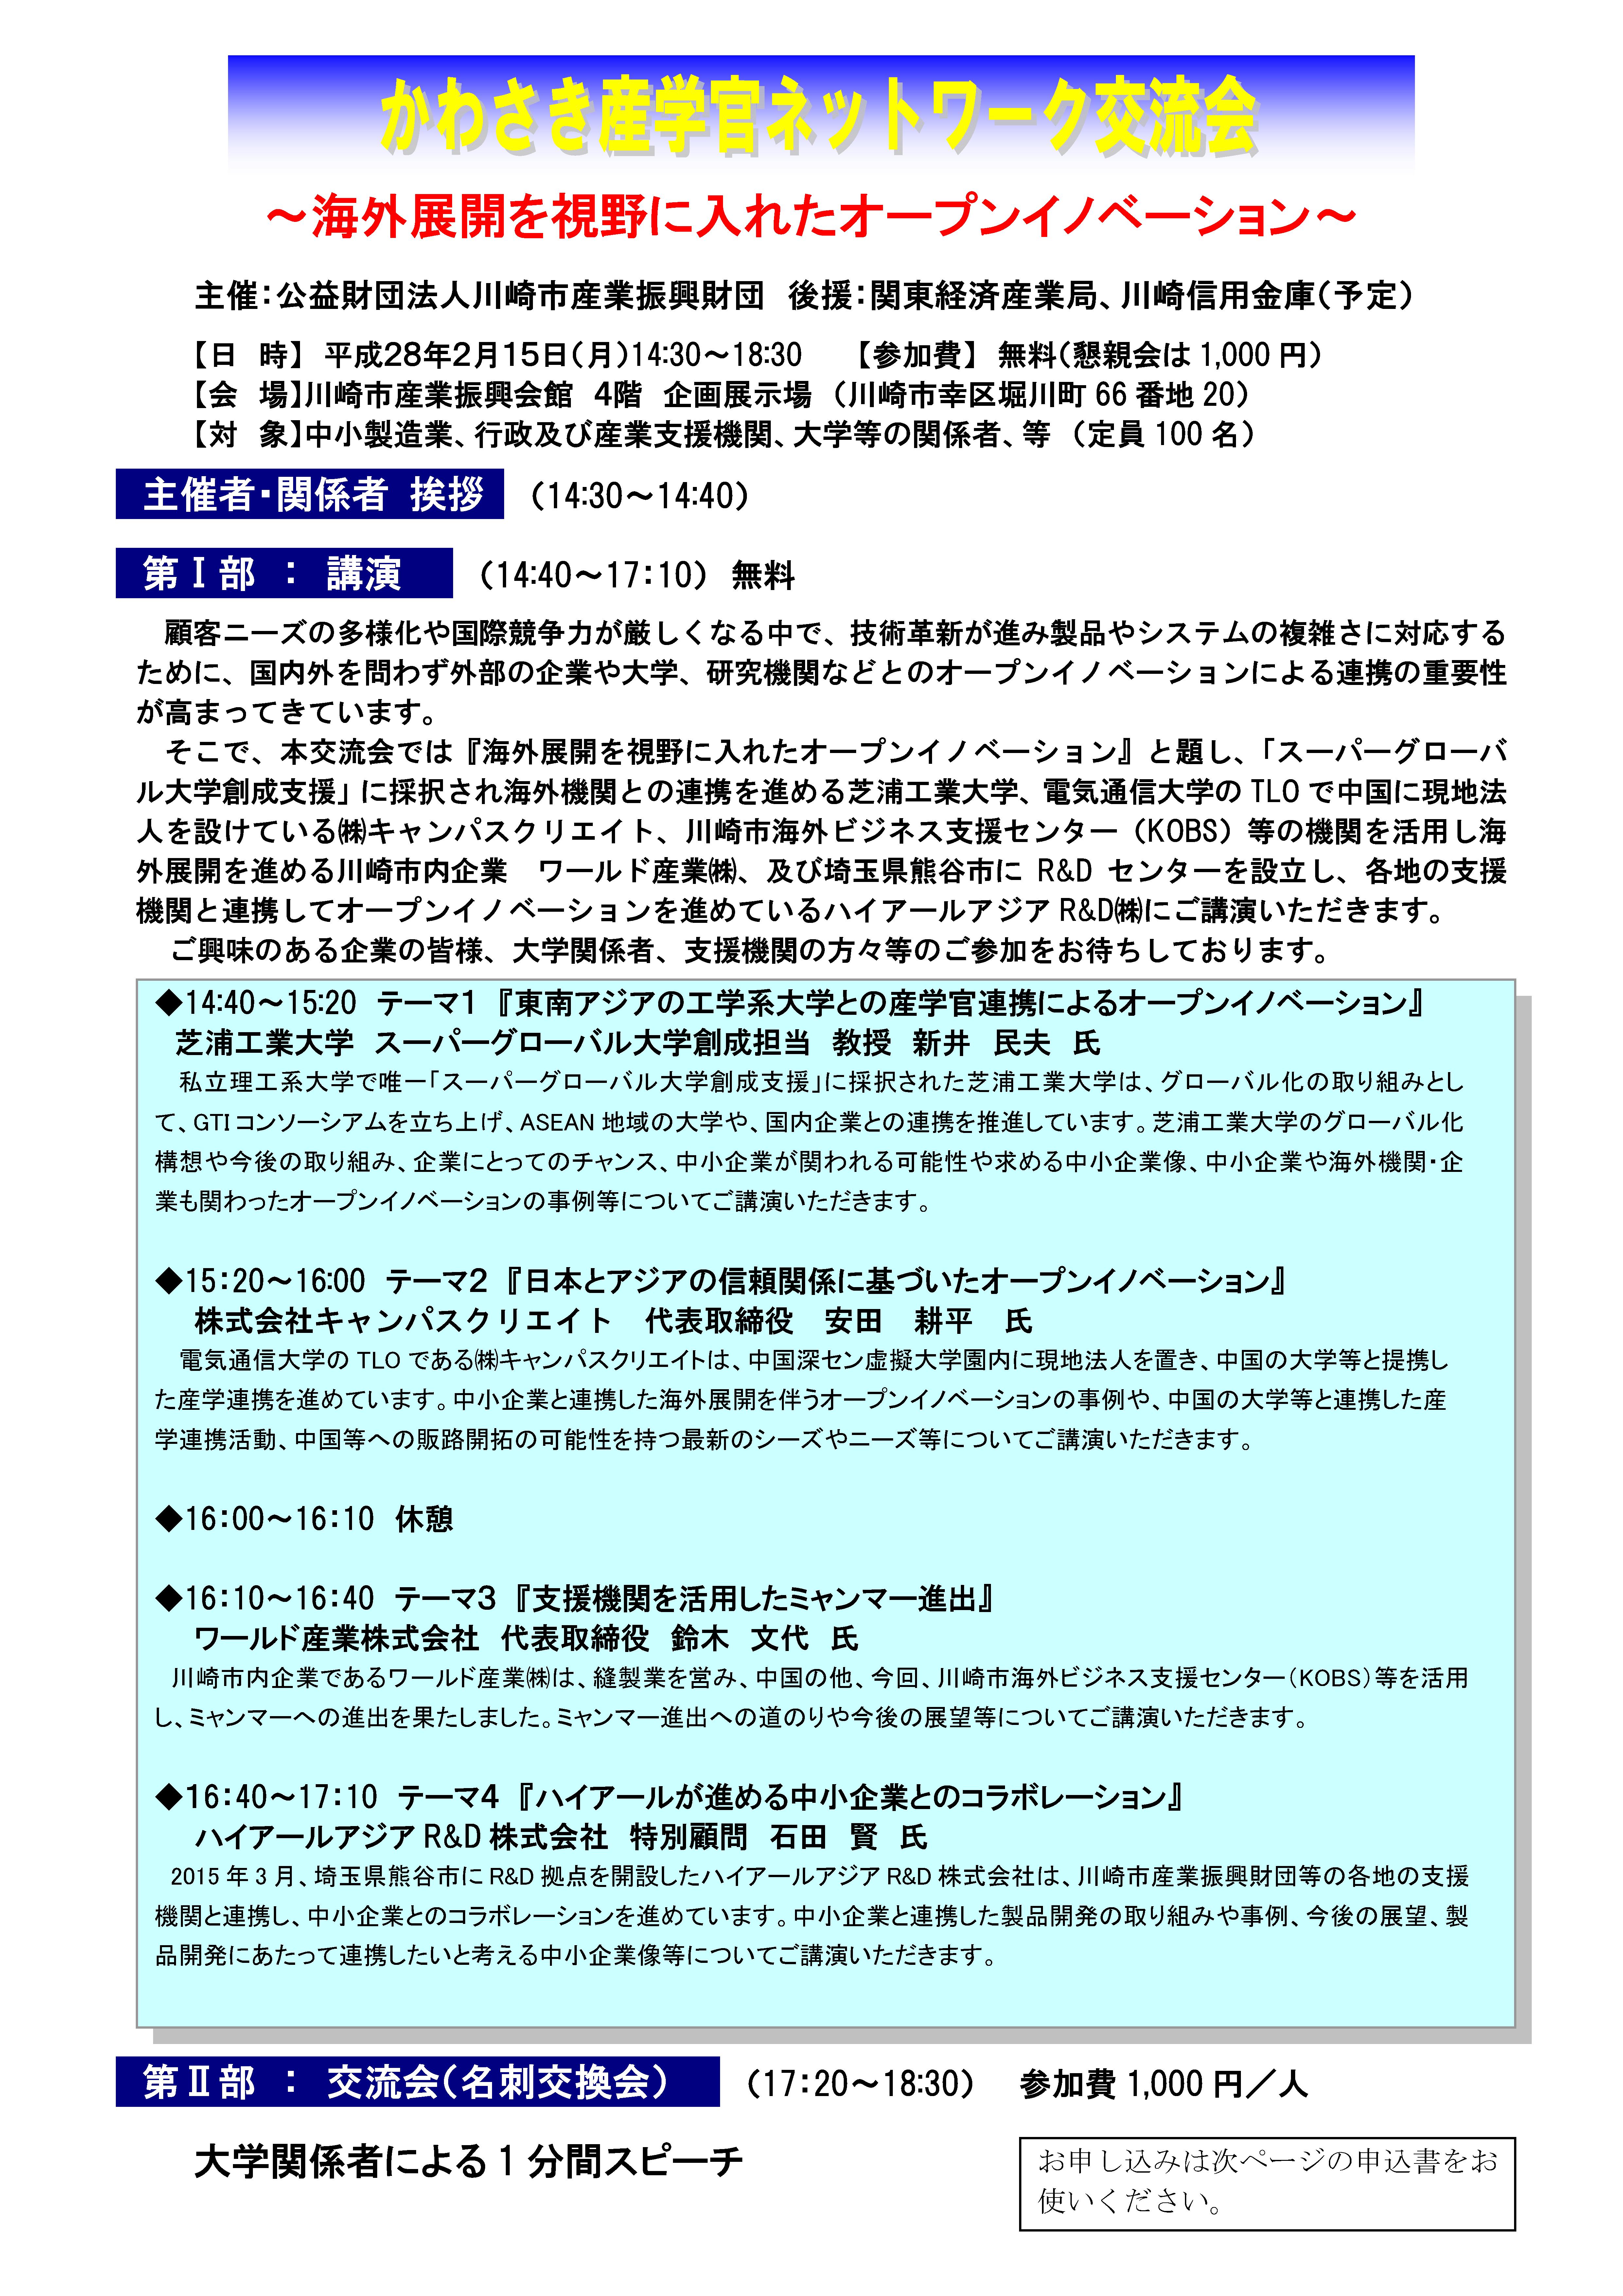 かわさき産学官ネットワーク交流会 ~ 海外展開を視野に入れたオープンイノベーション ~